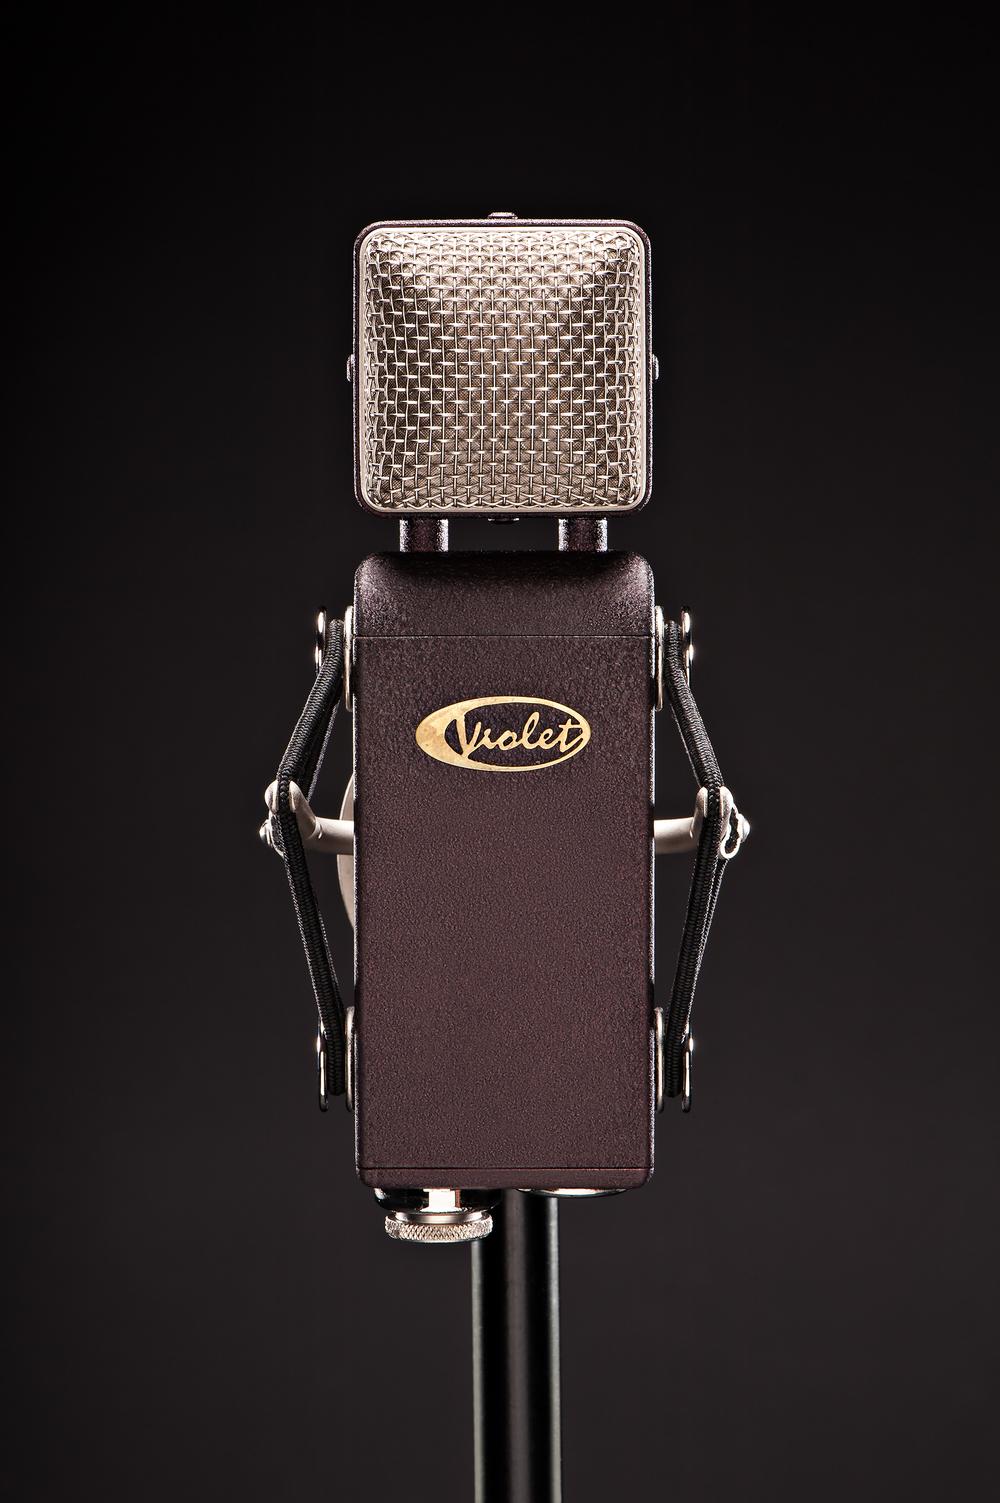 Violet_Microphone.jpg